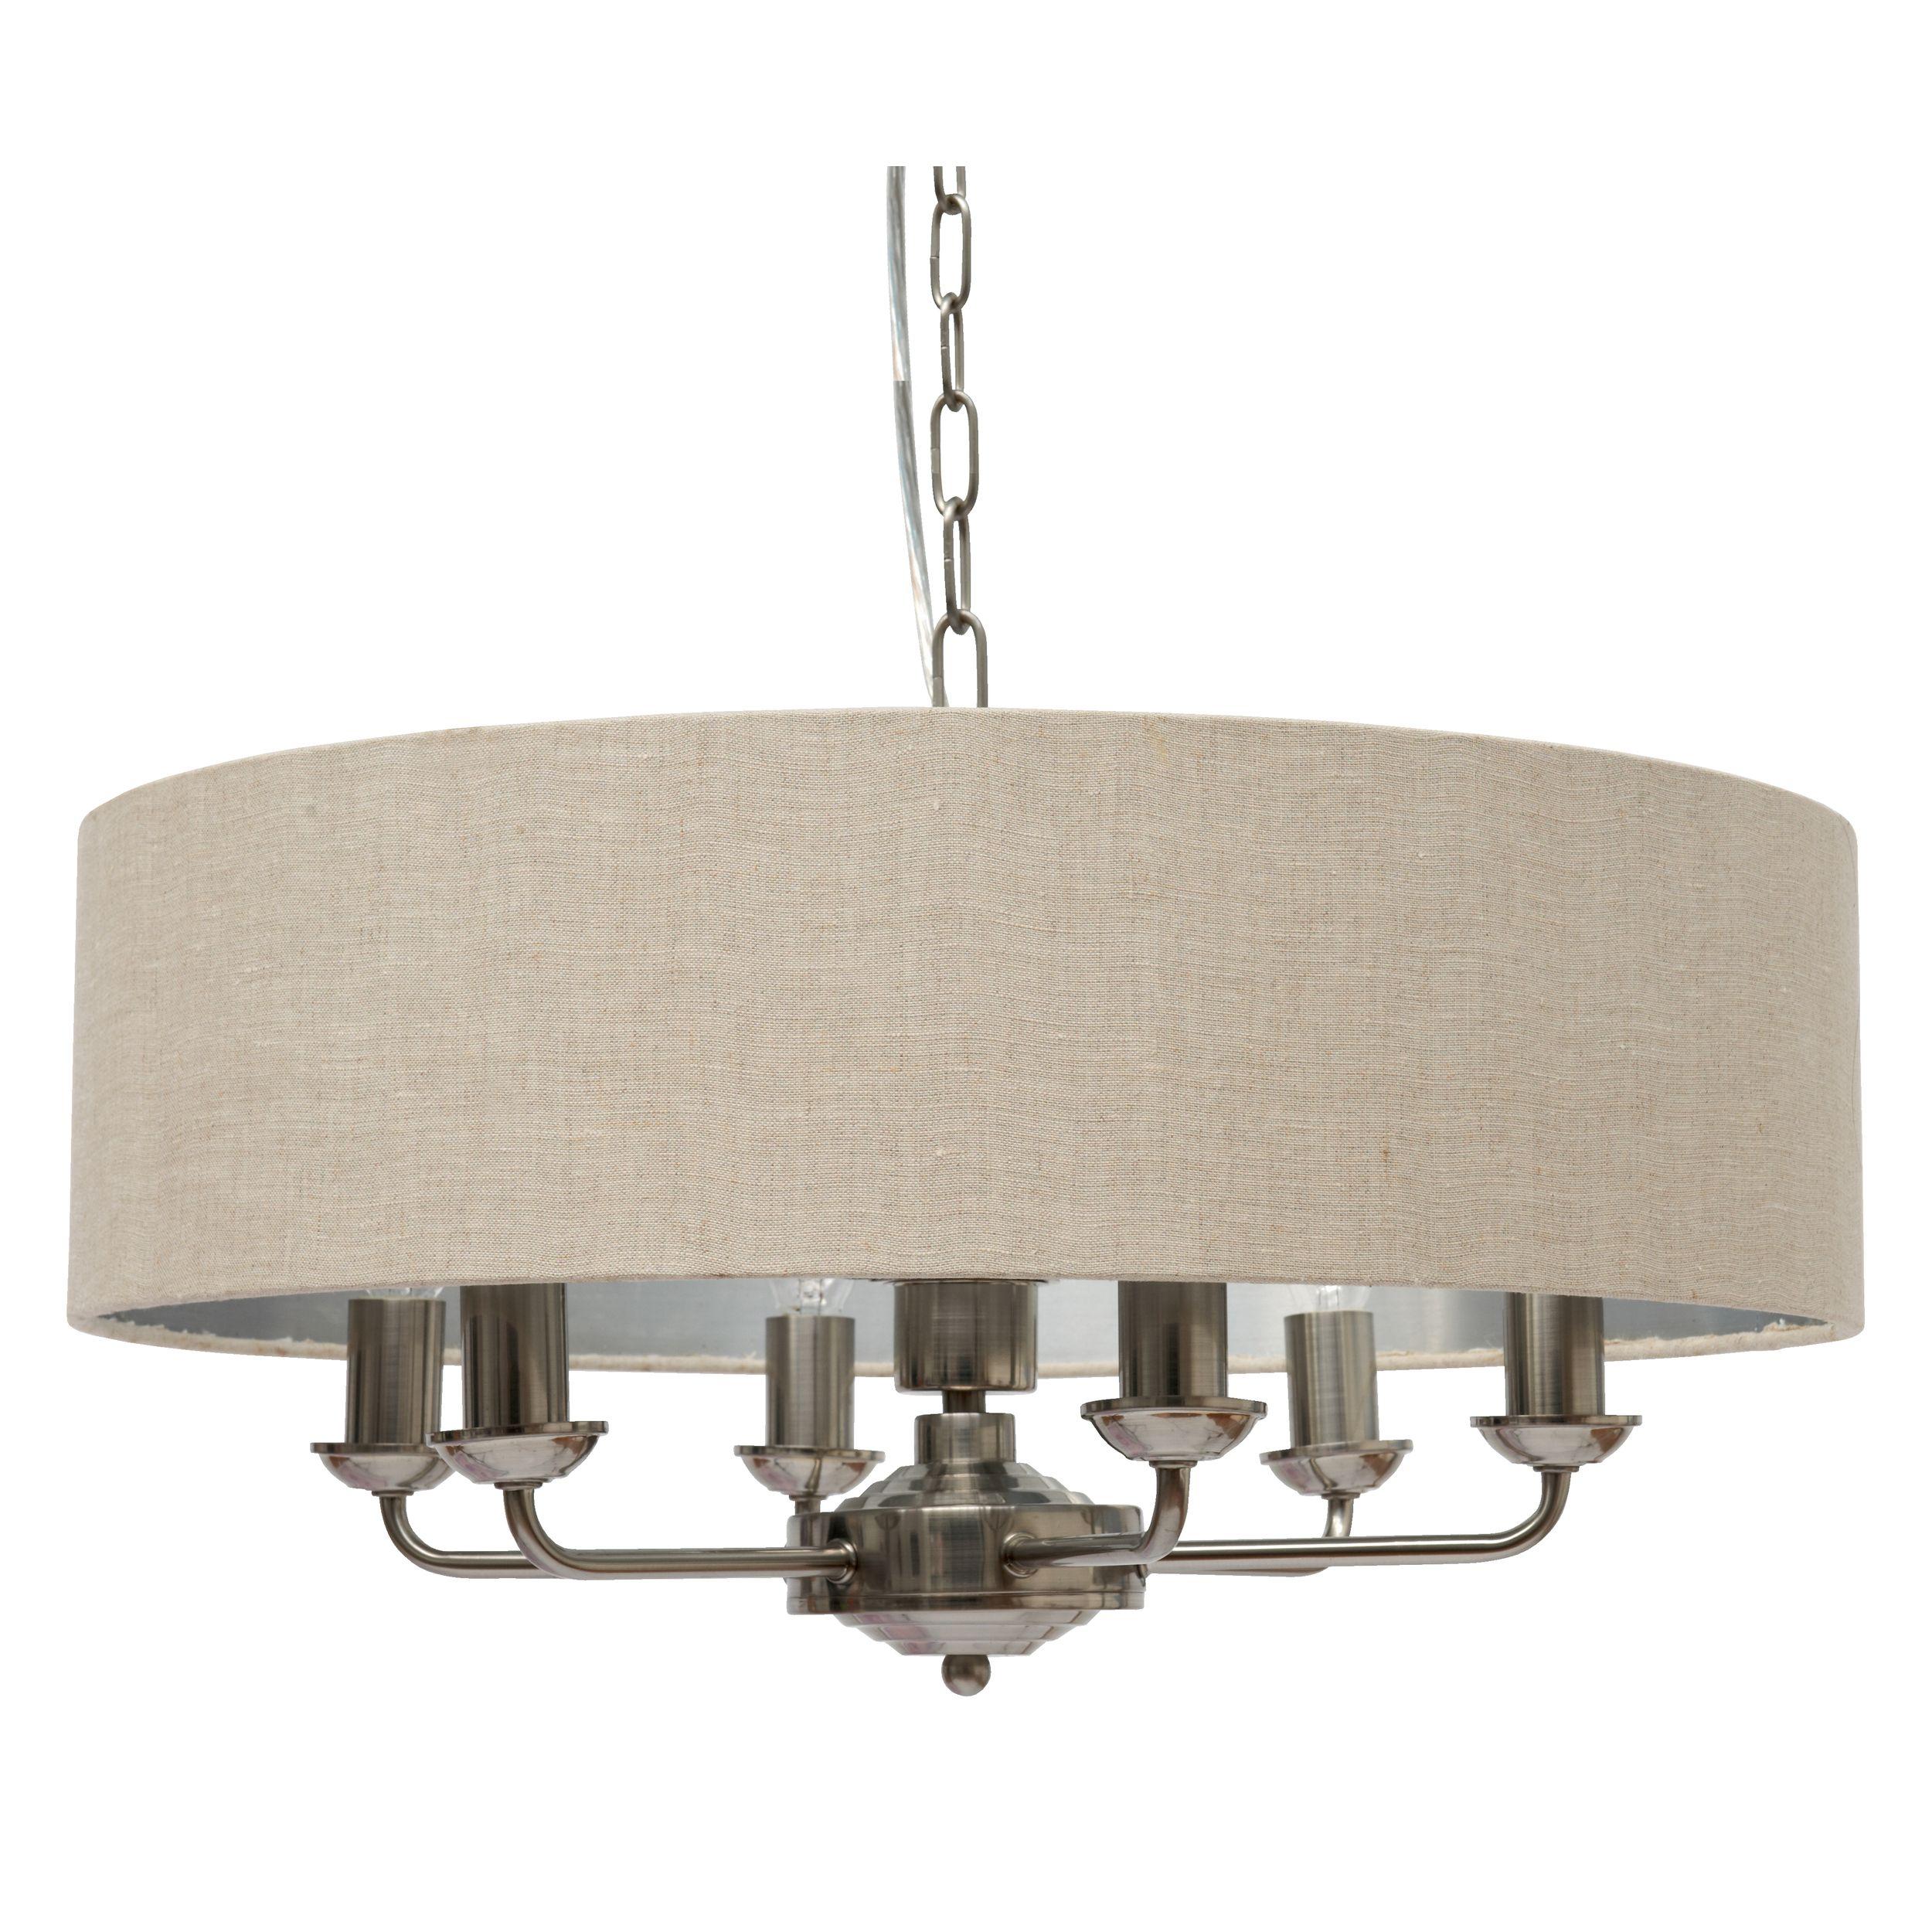 Living roomsSorrento 6 Light Ceiling Pendant   Summer Room   Pinterest  . Ashley Lighting. Home Design Ideas